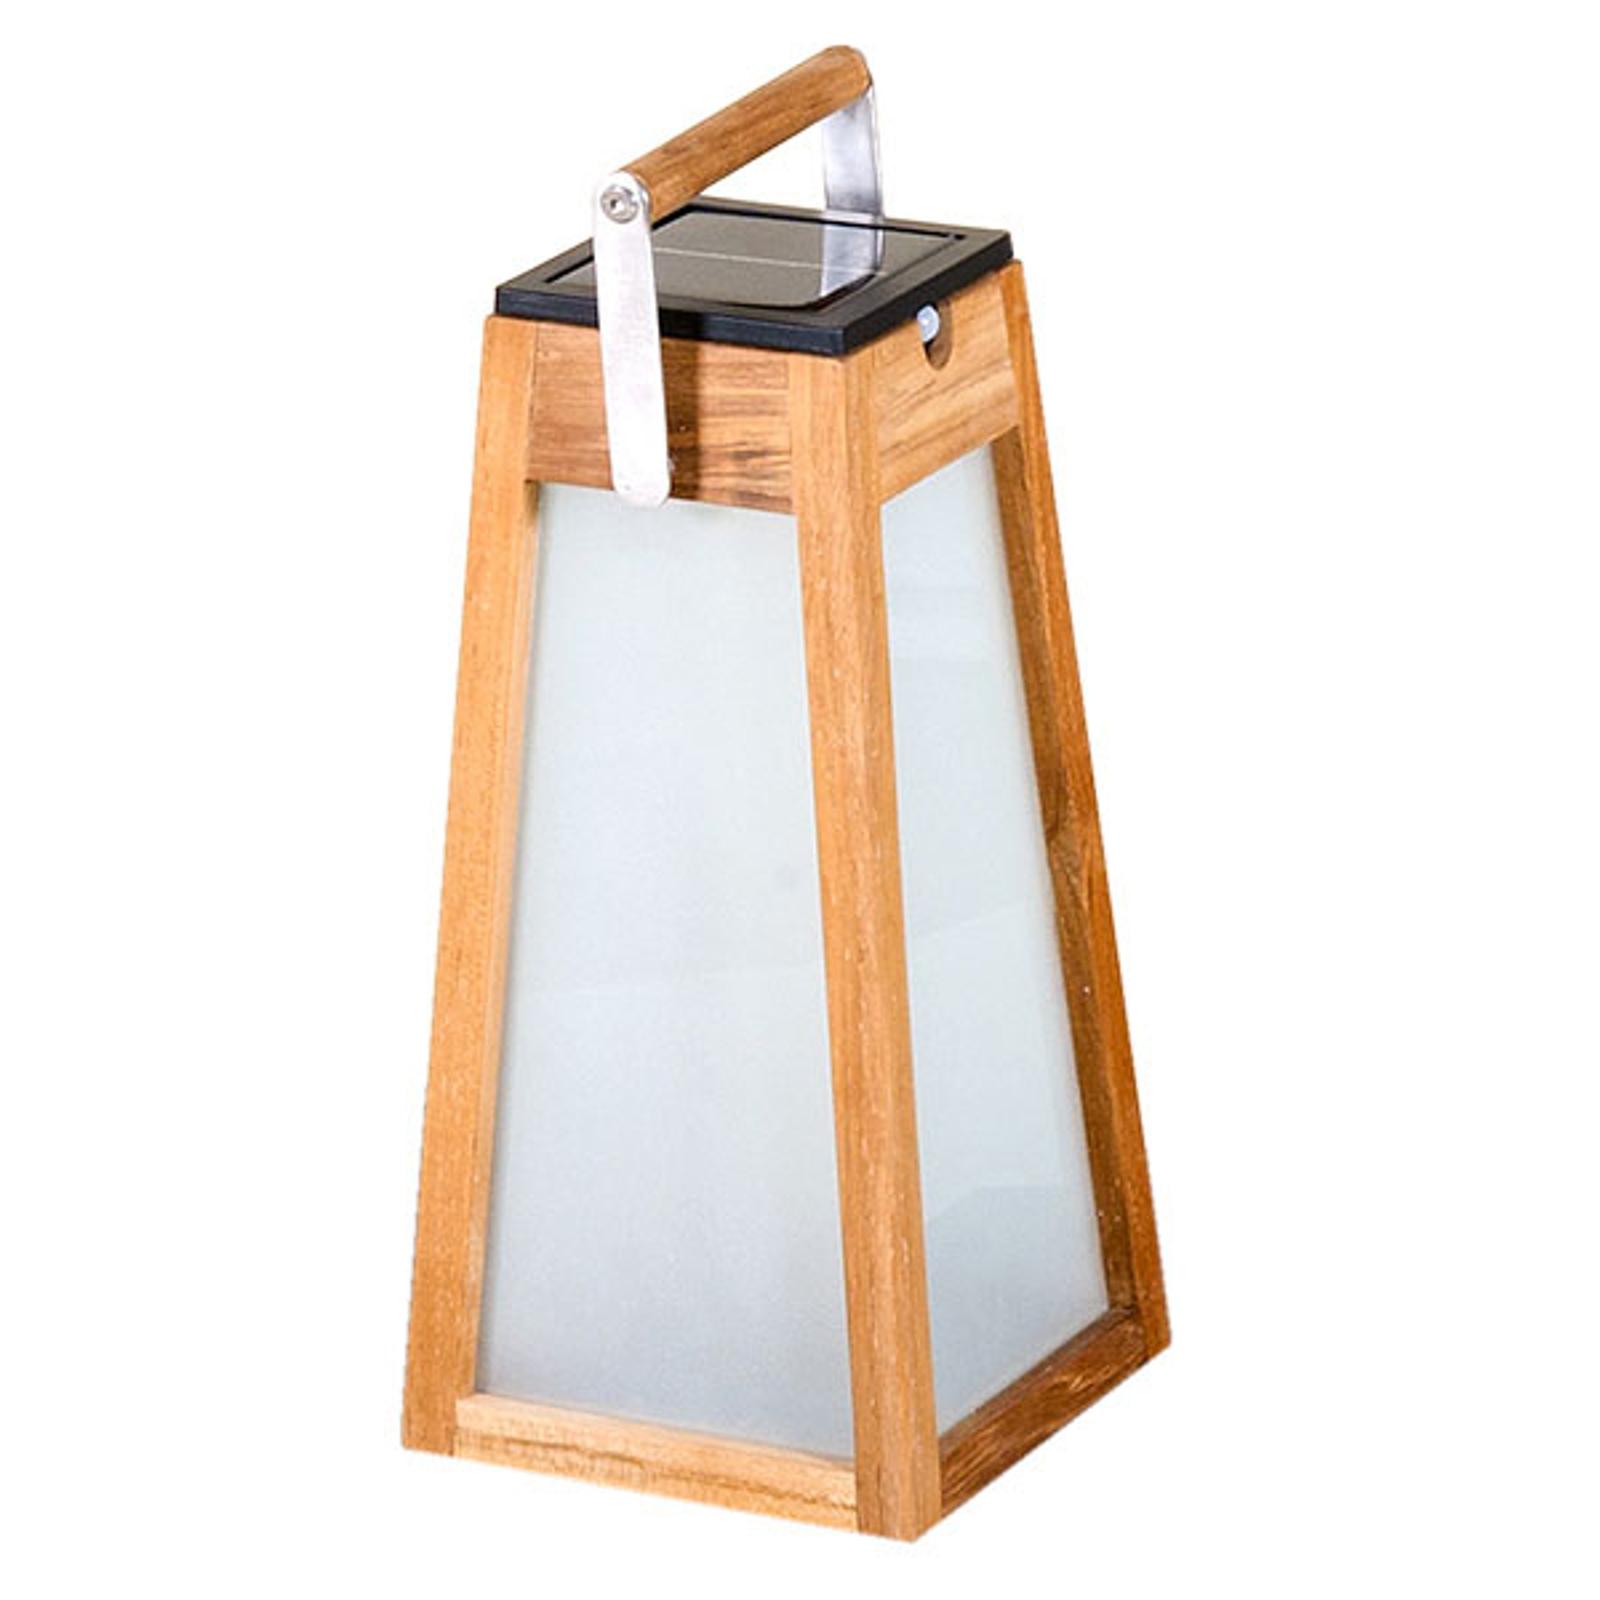 LED solární lucerna Tecka, senzor, teak, 38,8 cm